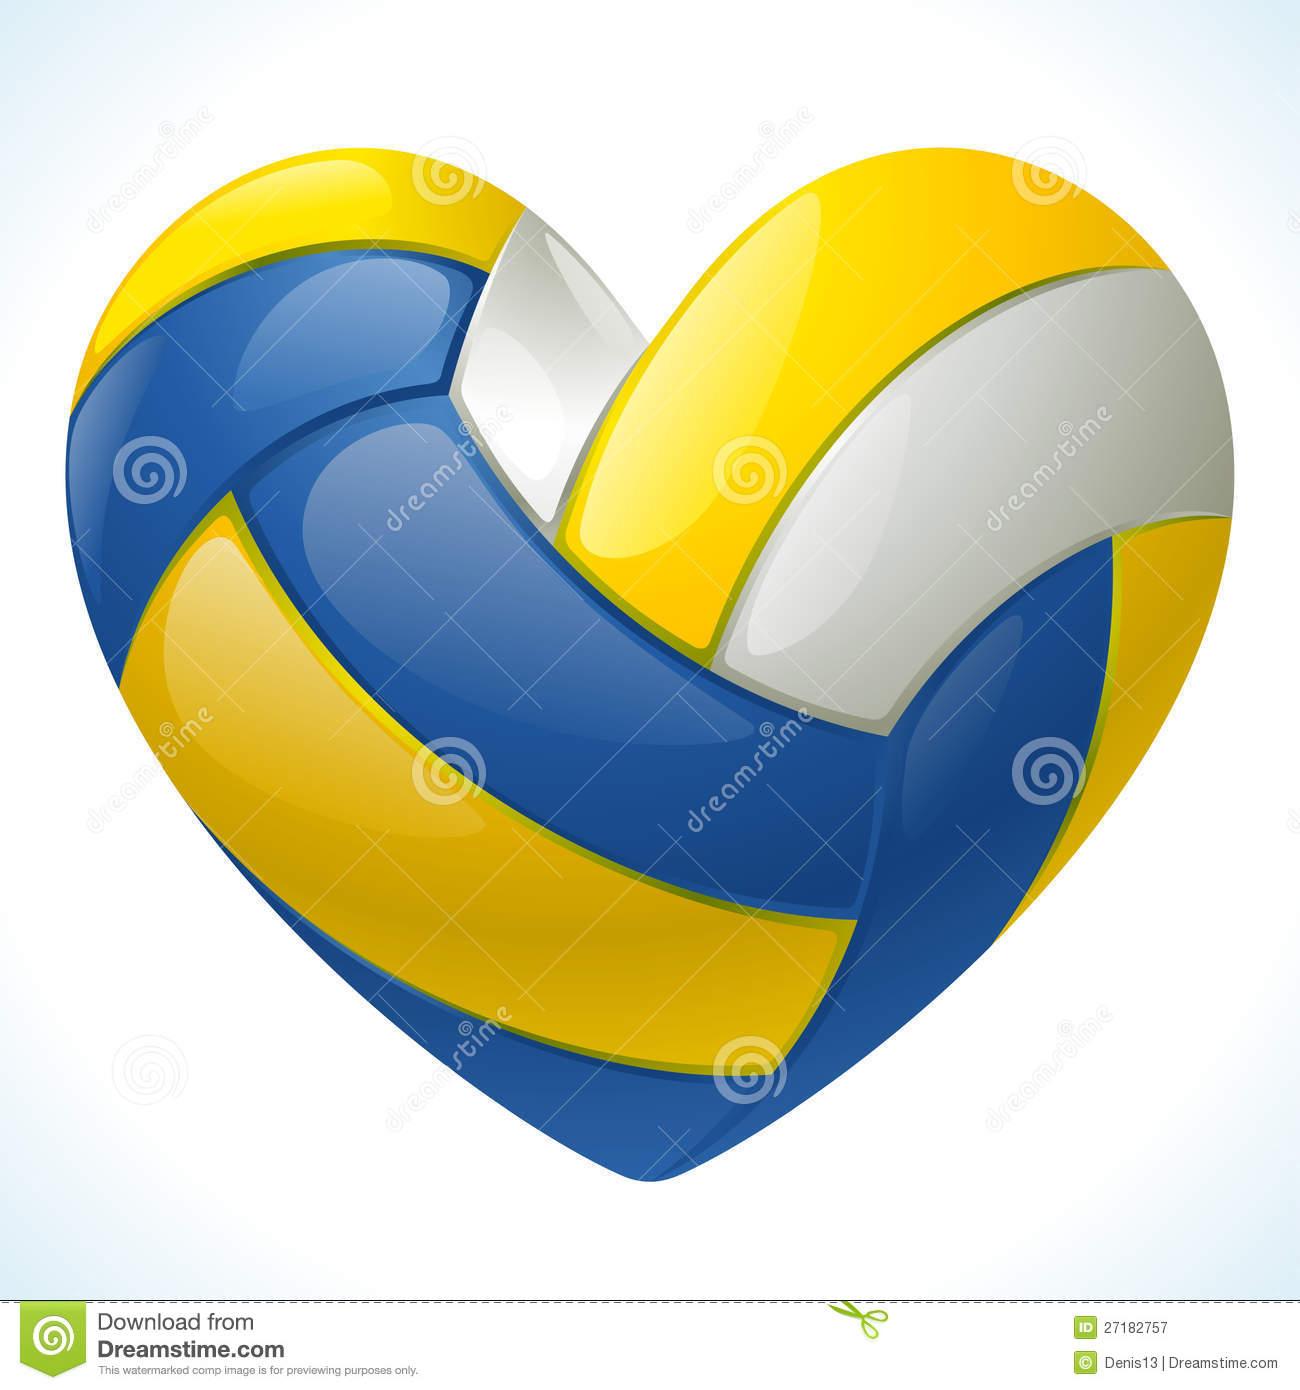 Love Volleyball Wallpapers Joy Studio Design Gallery Best Design 1300x1390